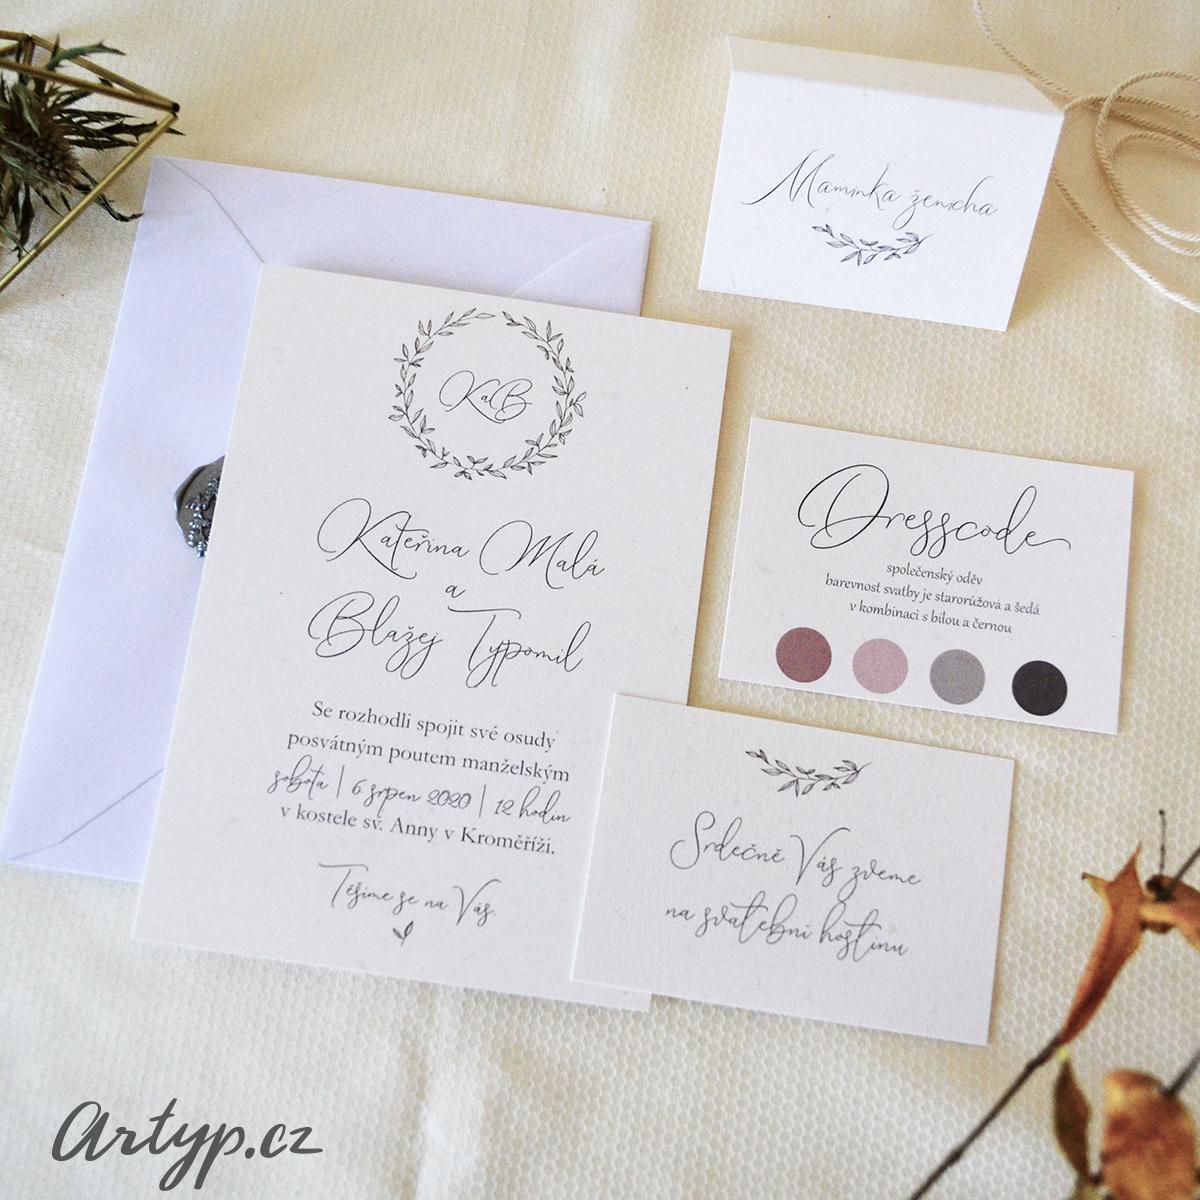 Svatební oznámení - Obrázek č. 4